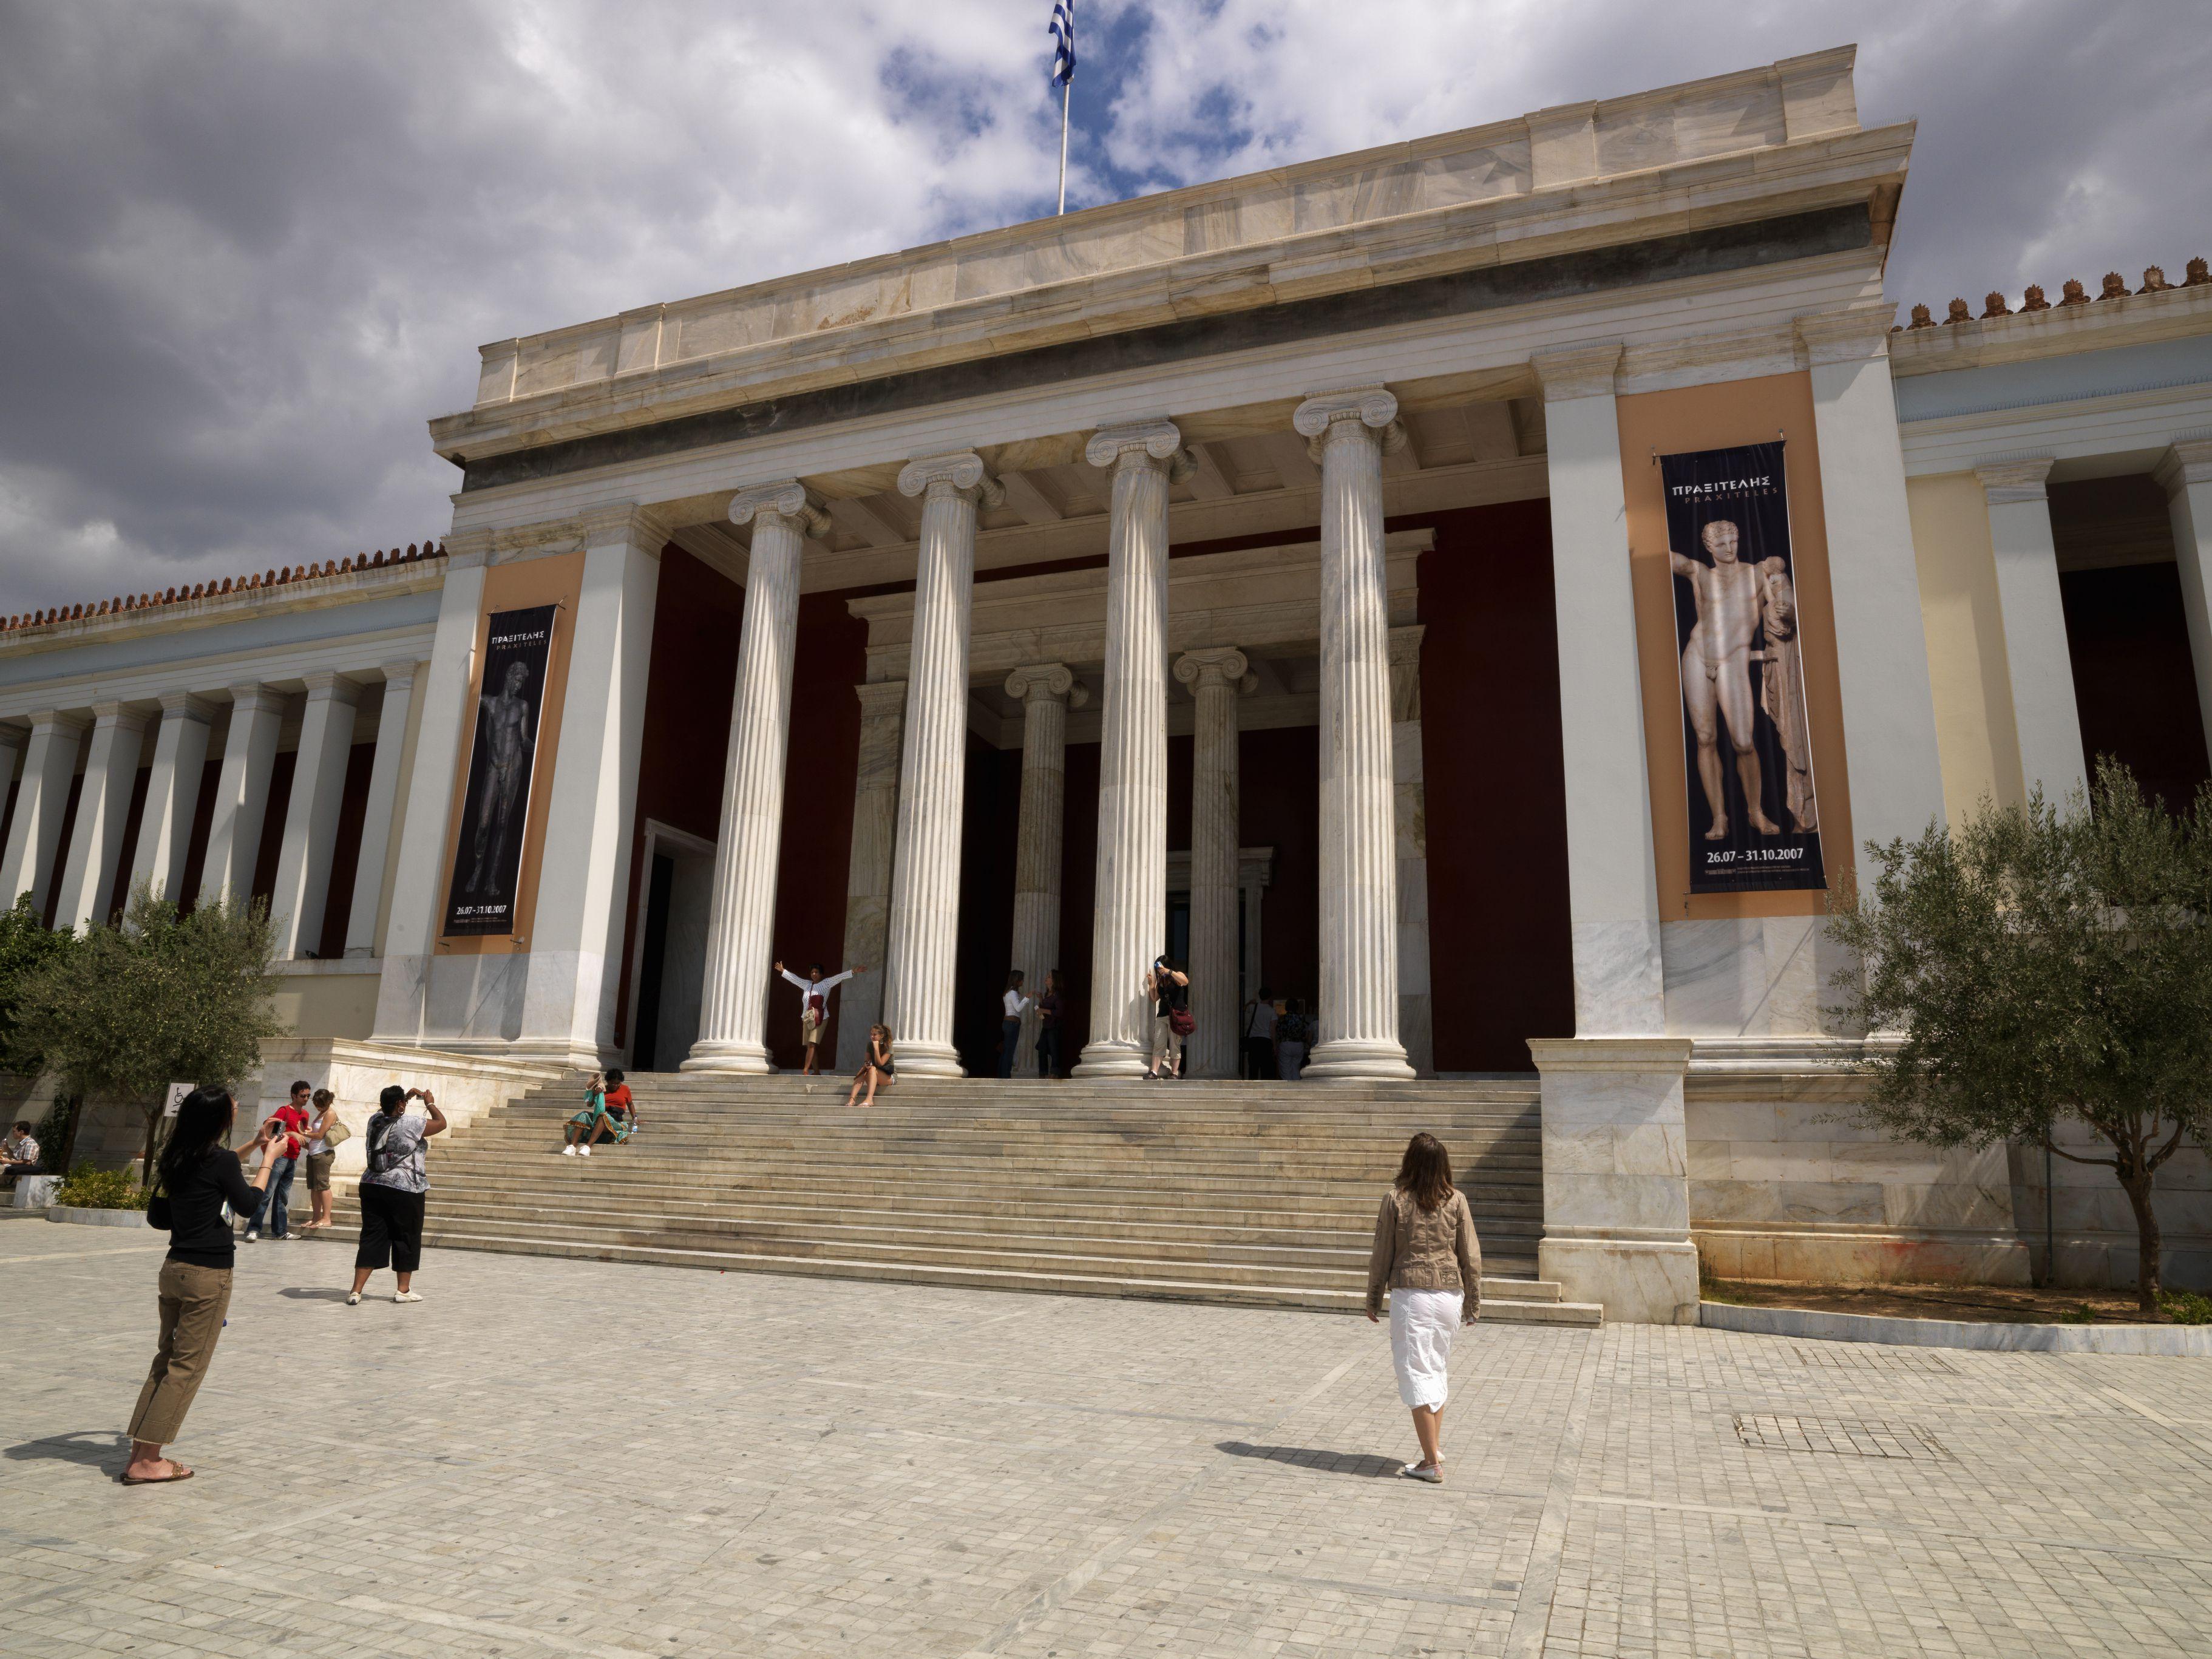 Fachada de un museo, Museo Arqueológico Nacional, Atenas, Ática, Grecia